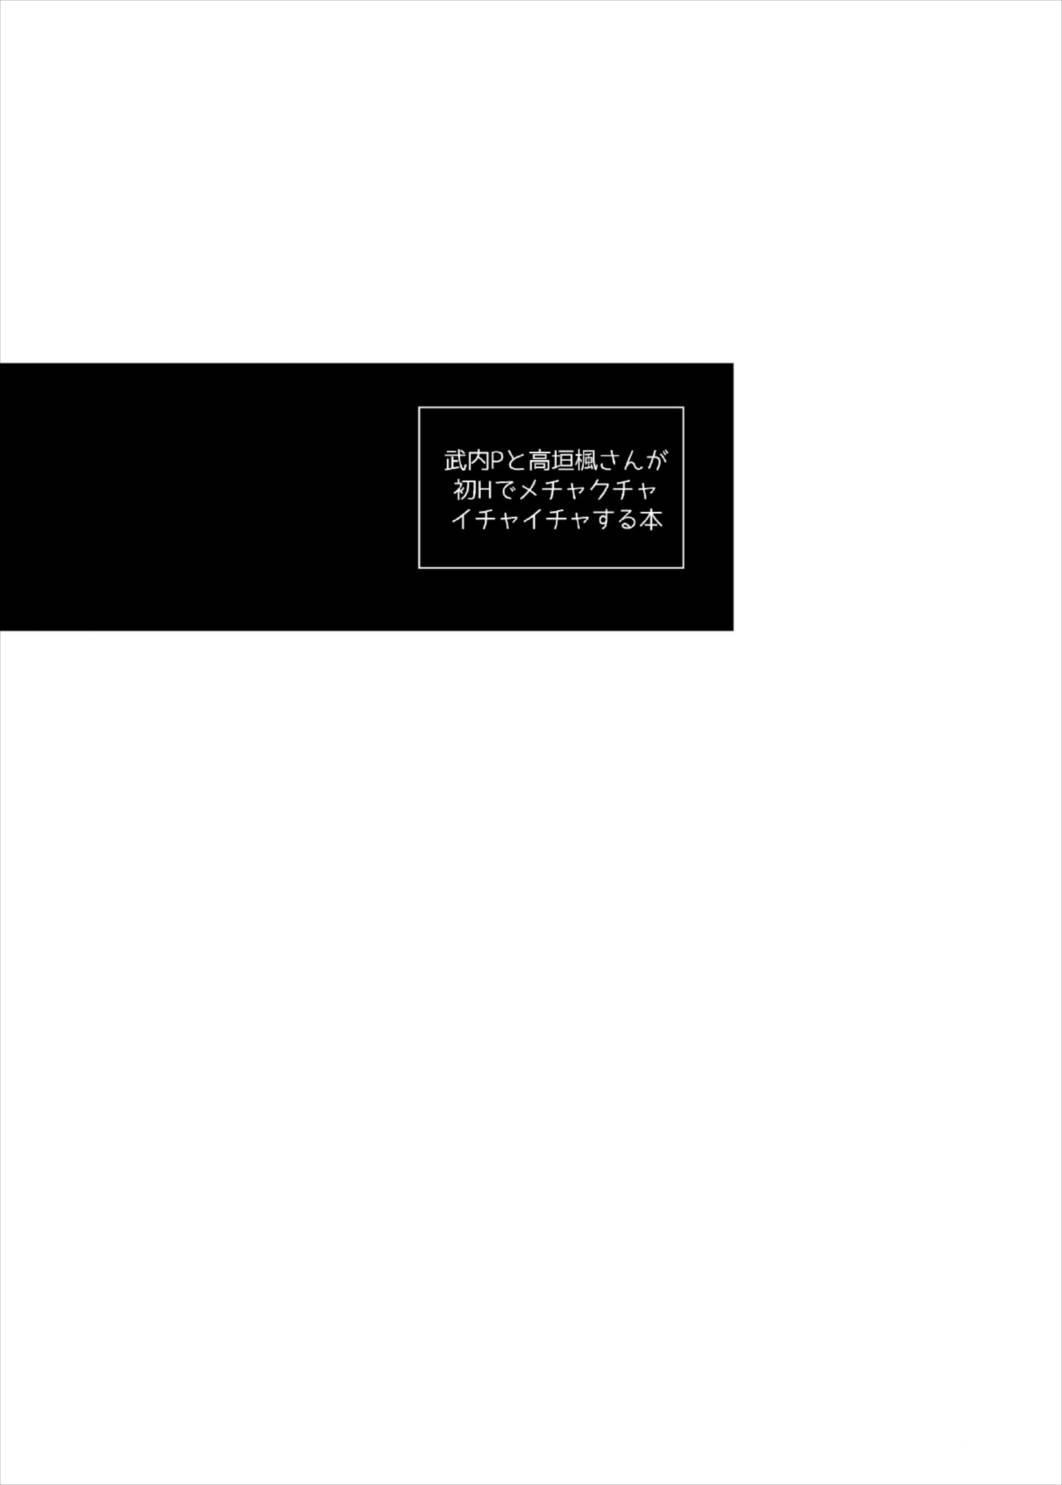 Takeuchi P to Takagaki Kaede-san ga Hatsu H de Mechakucha Ichaicha Suru Hon 2